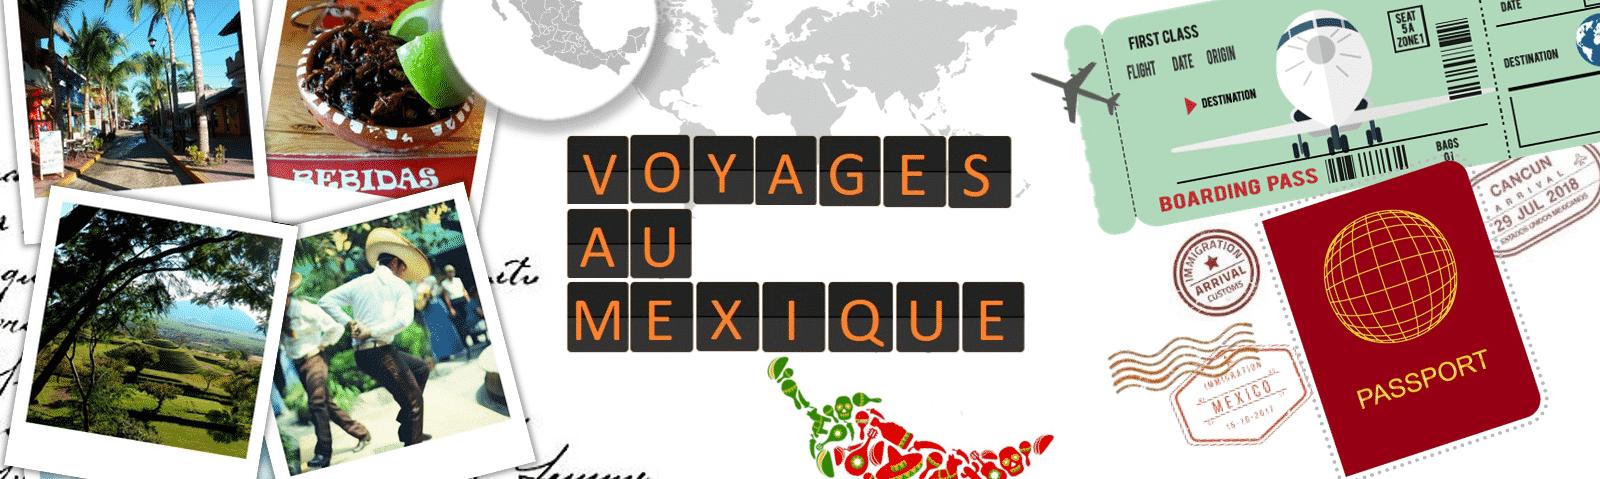 Blog Voyage au Mexique